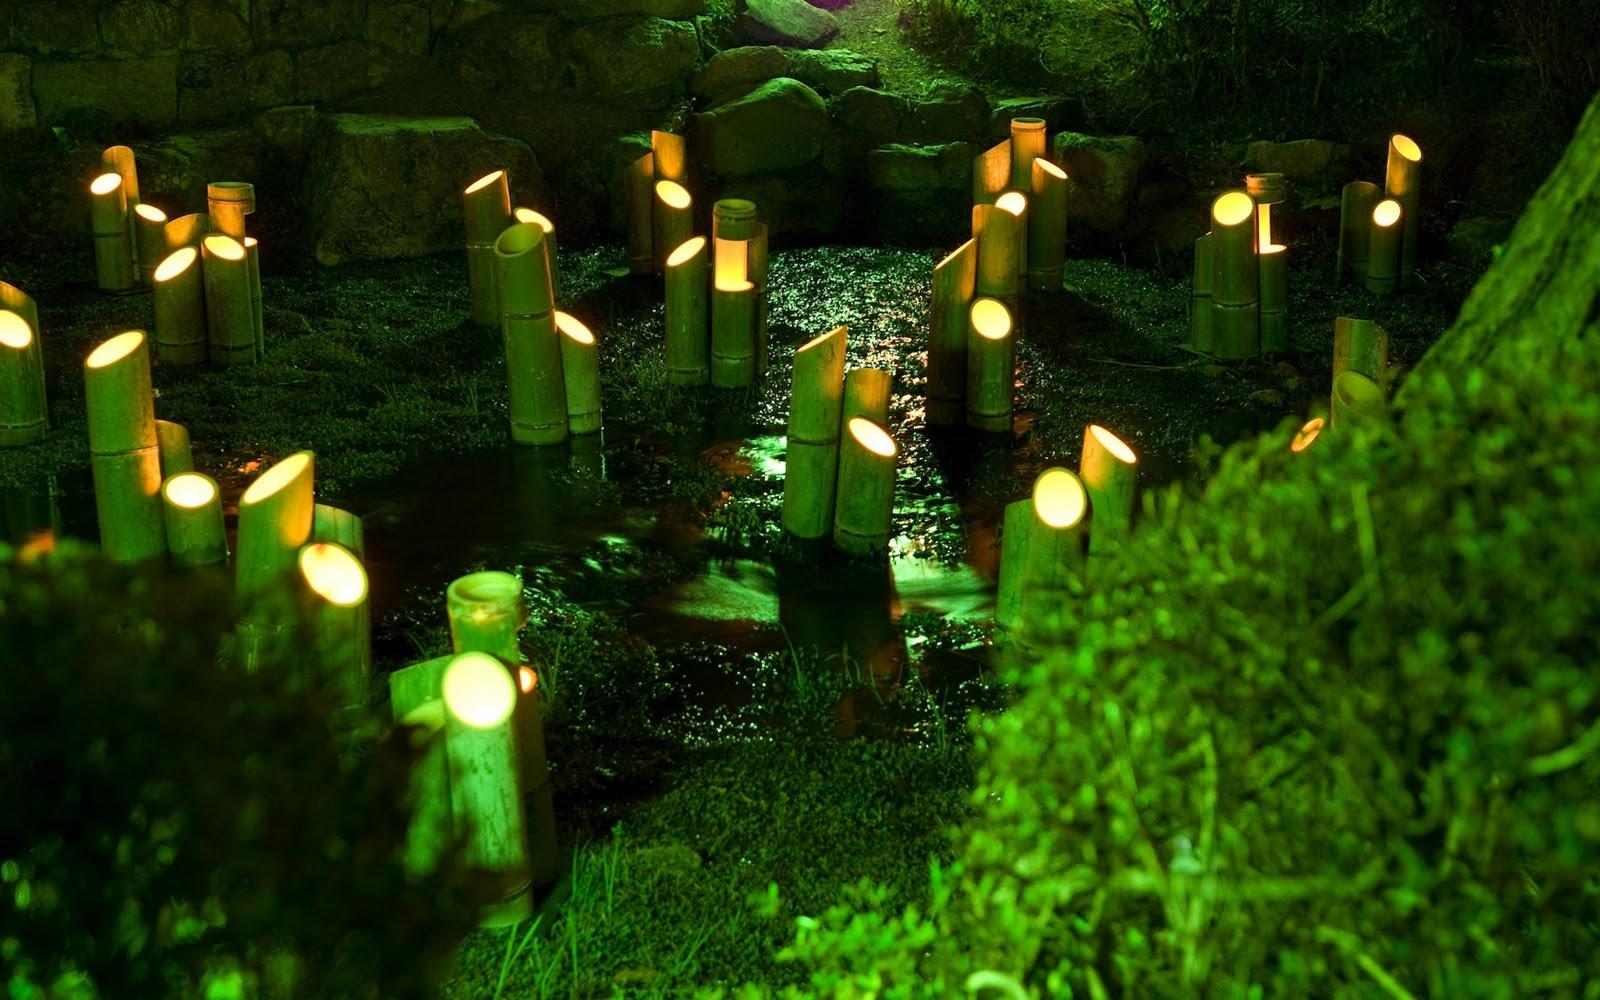 http://2.bp.blogspot.com/-TKUKyp4h9Ko/TnsEm_QjEpI/AAAAAAAAAc4/054-A3gzxq0/s1600/Japan+Nature++2011.jpg